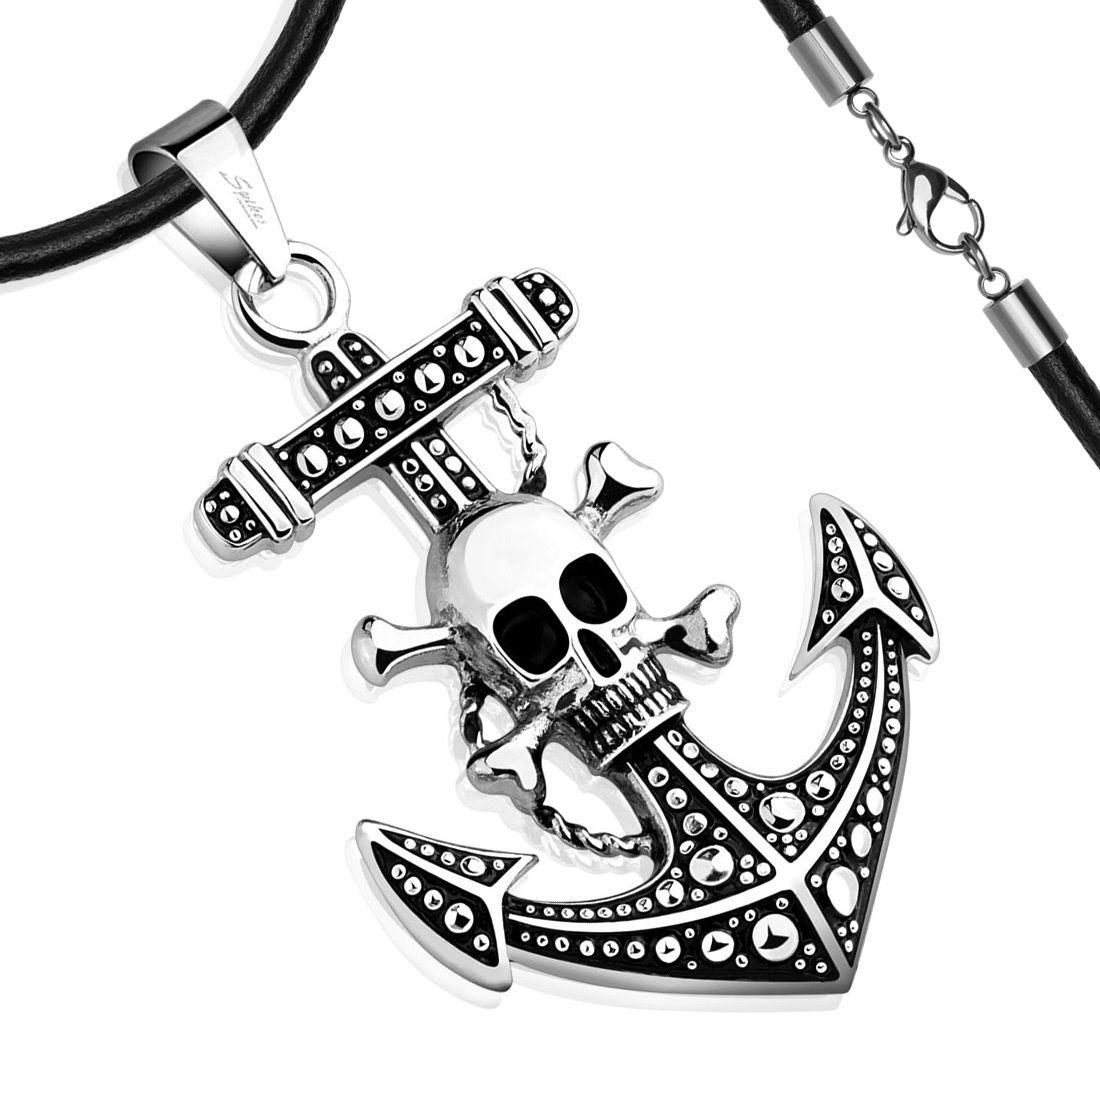 Edelstahl Anhänger Halskette Anker Totenkopf Pirat Anchor Skull ...